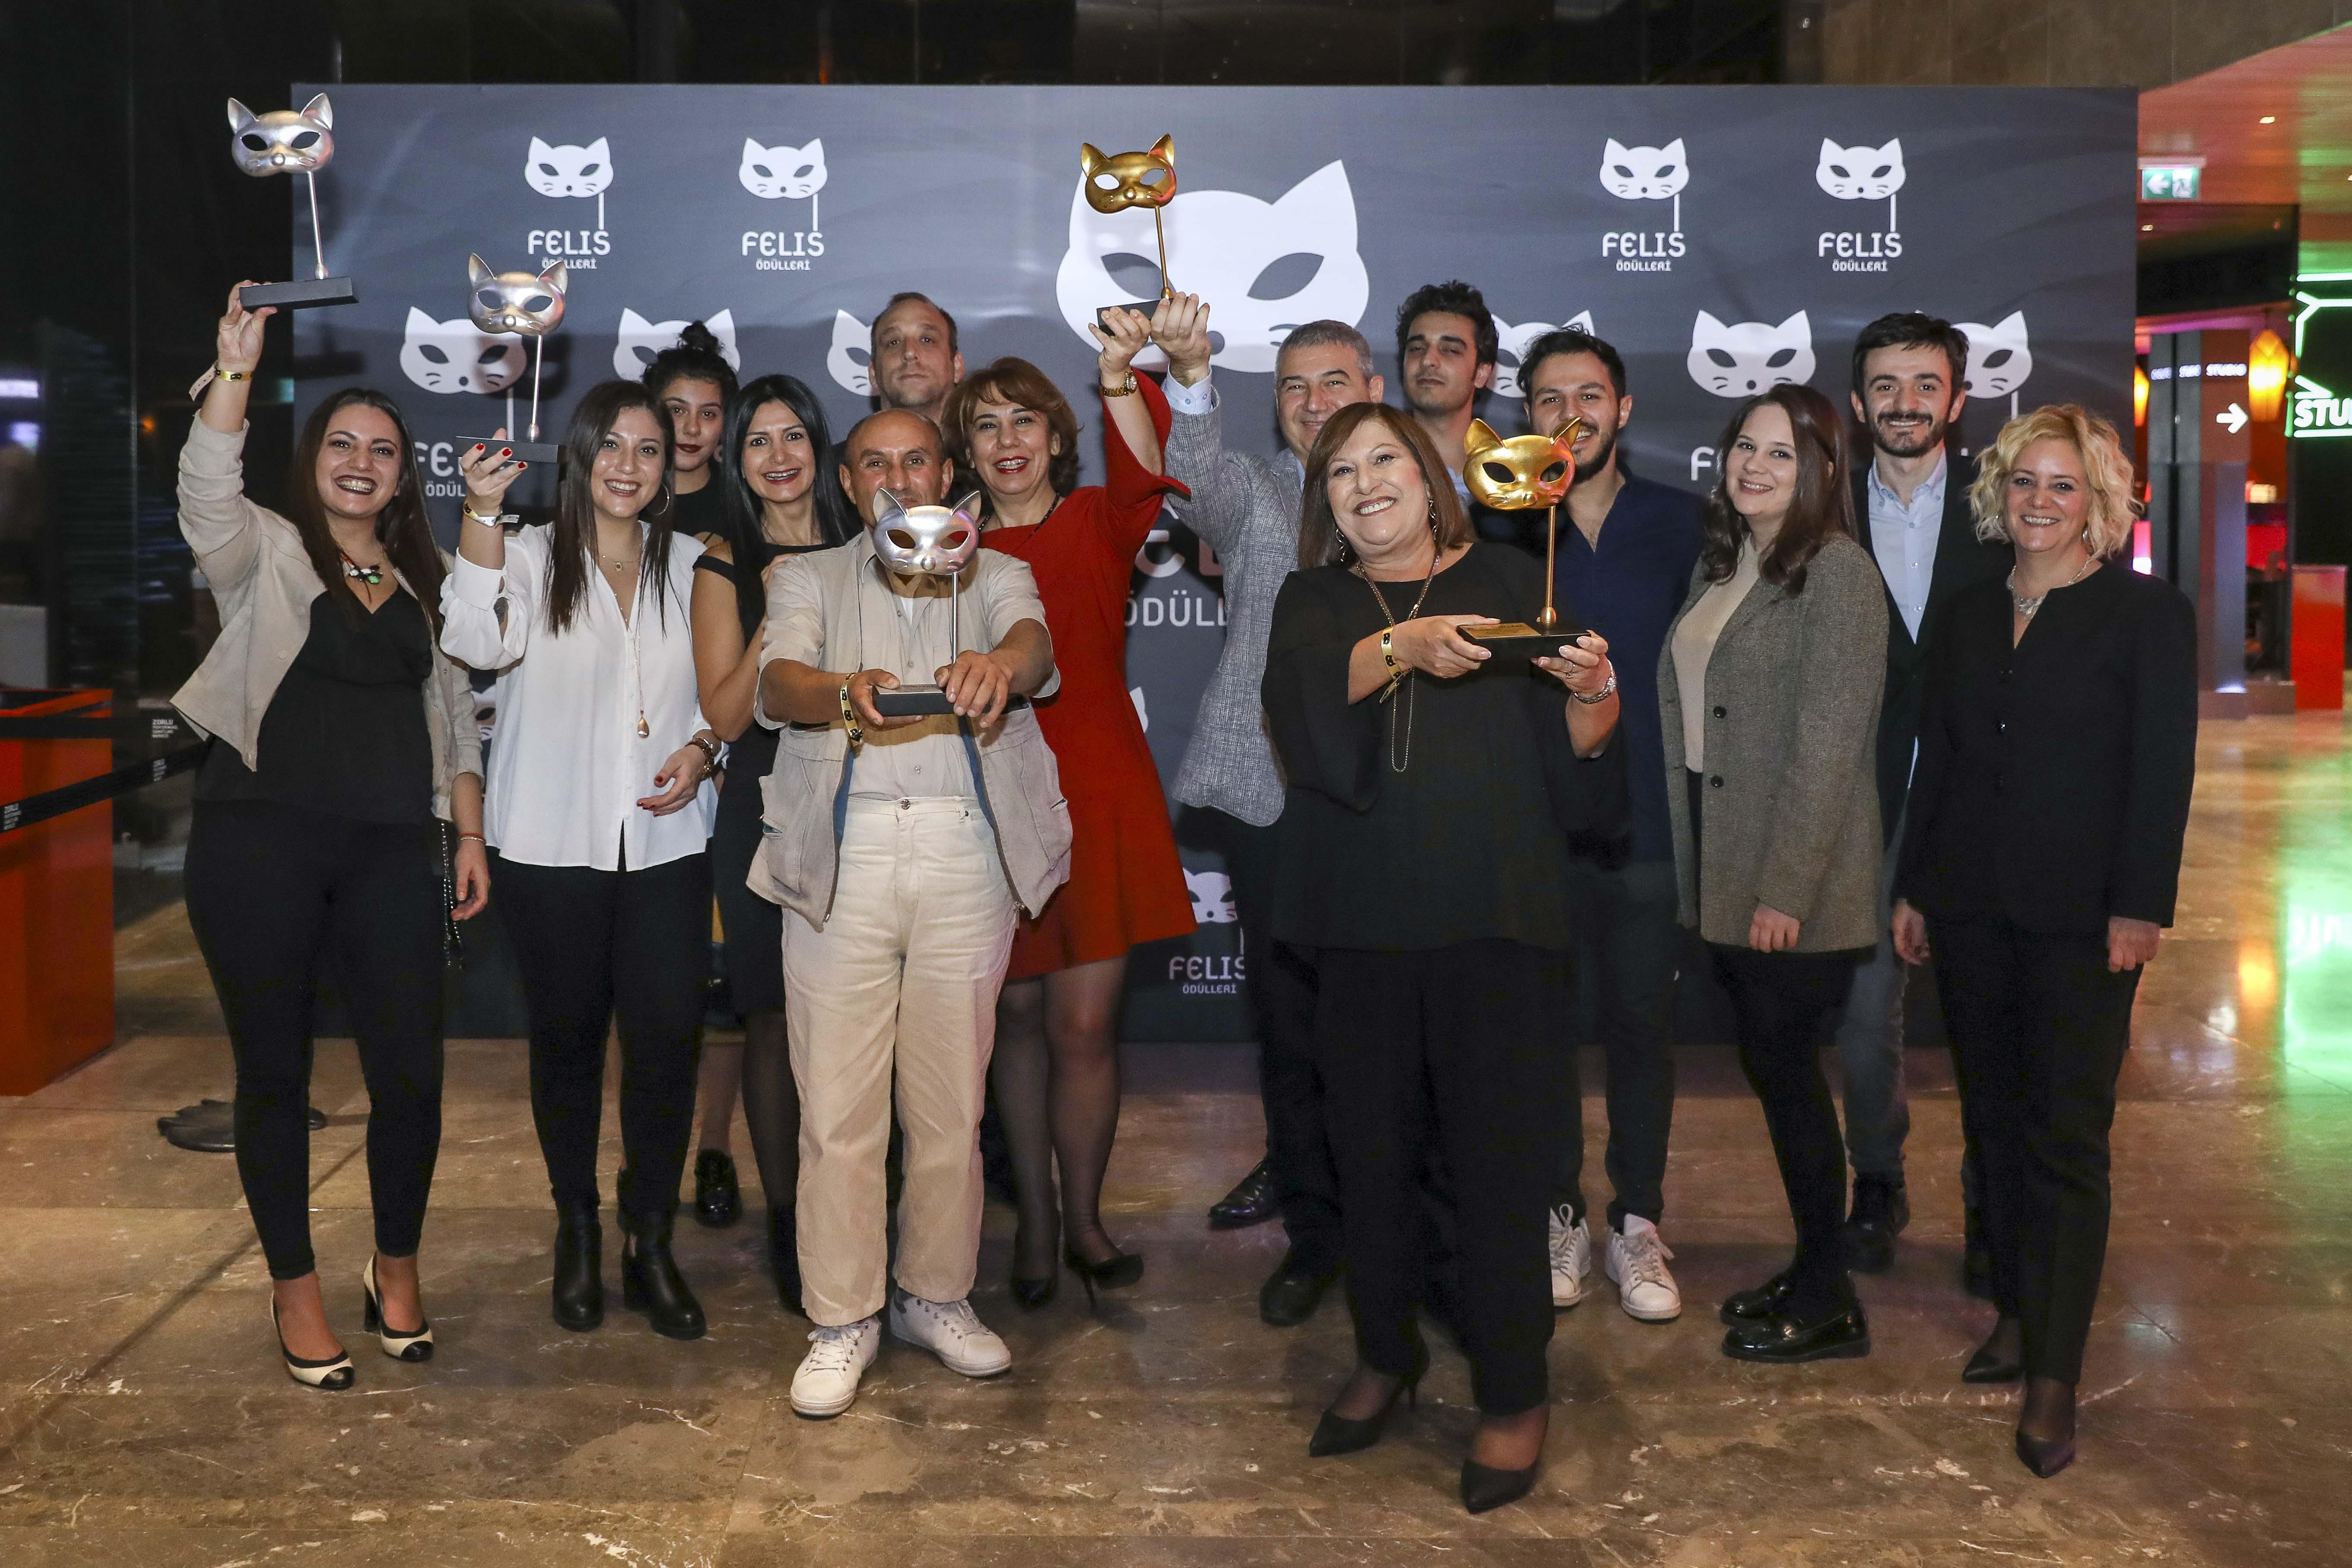 MPR, yaratıcılığın, etkinin ve kalitenin değerlendirildiği Felis Ödülleri'nde bu yıl üç Felis, iki büyük ödül, bir de başarı ödülü kazandı.